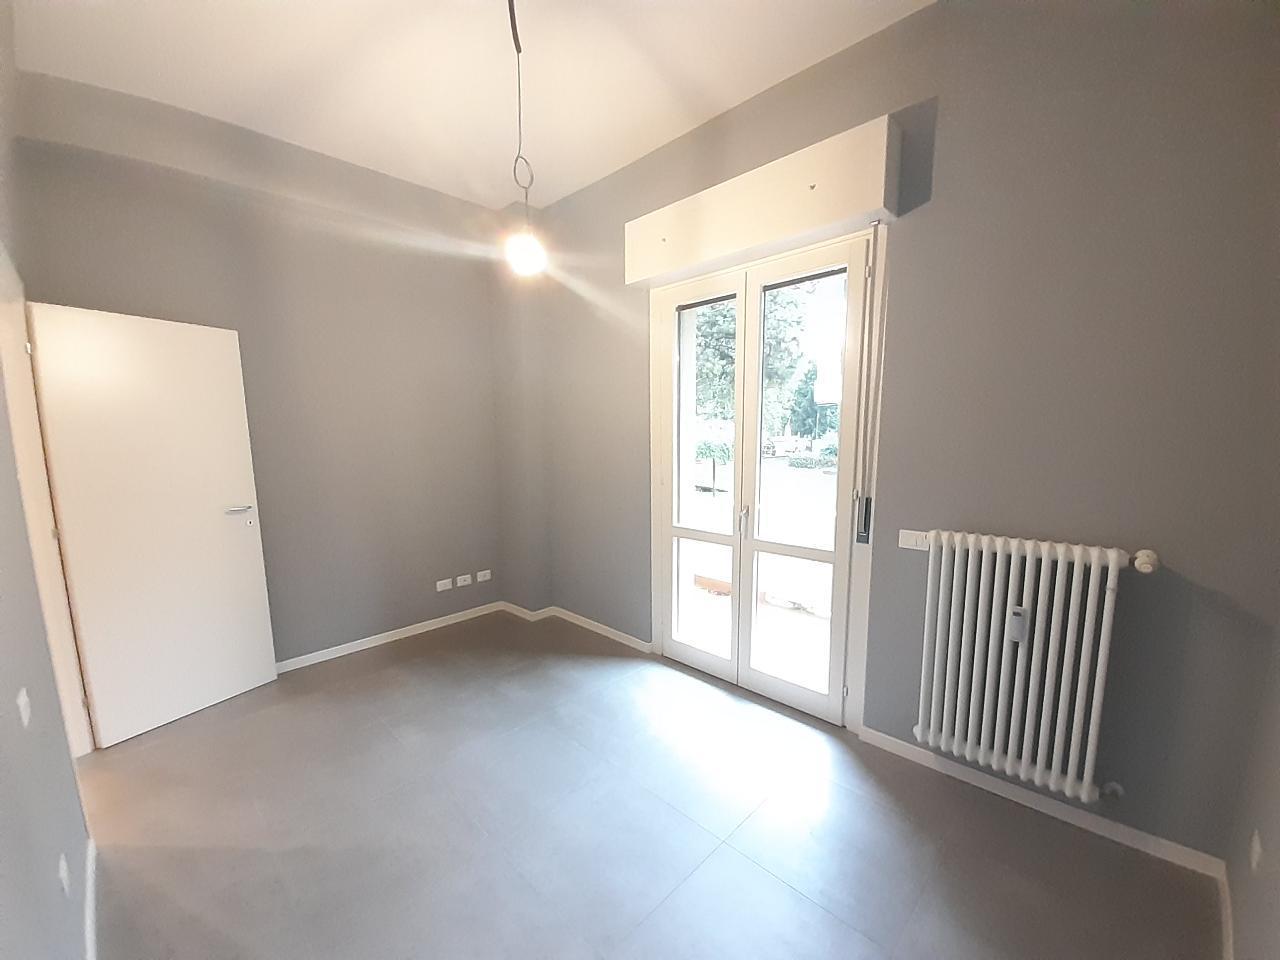 Appartamento CREMONA €180.000,00